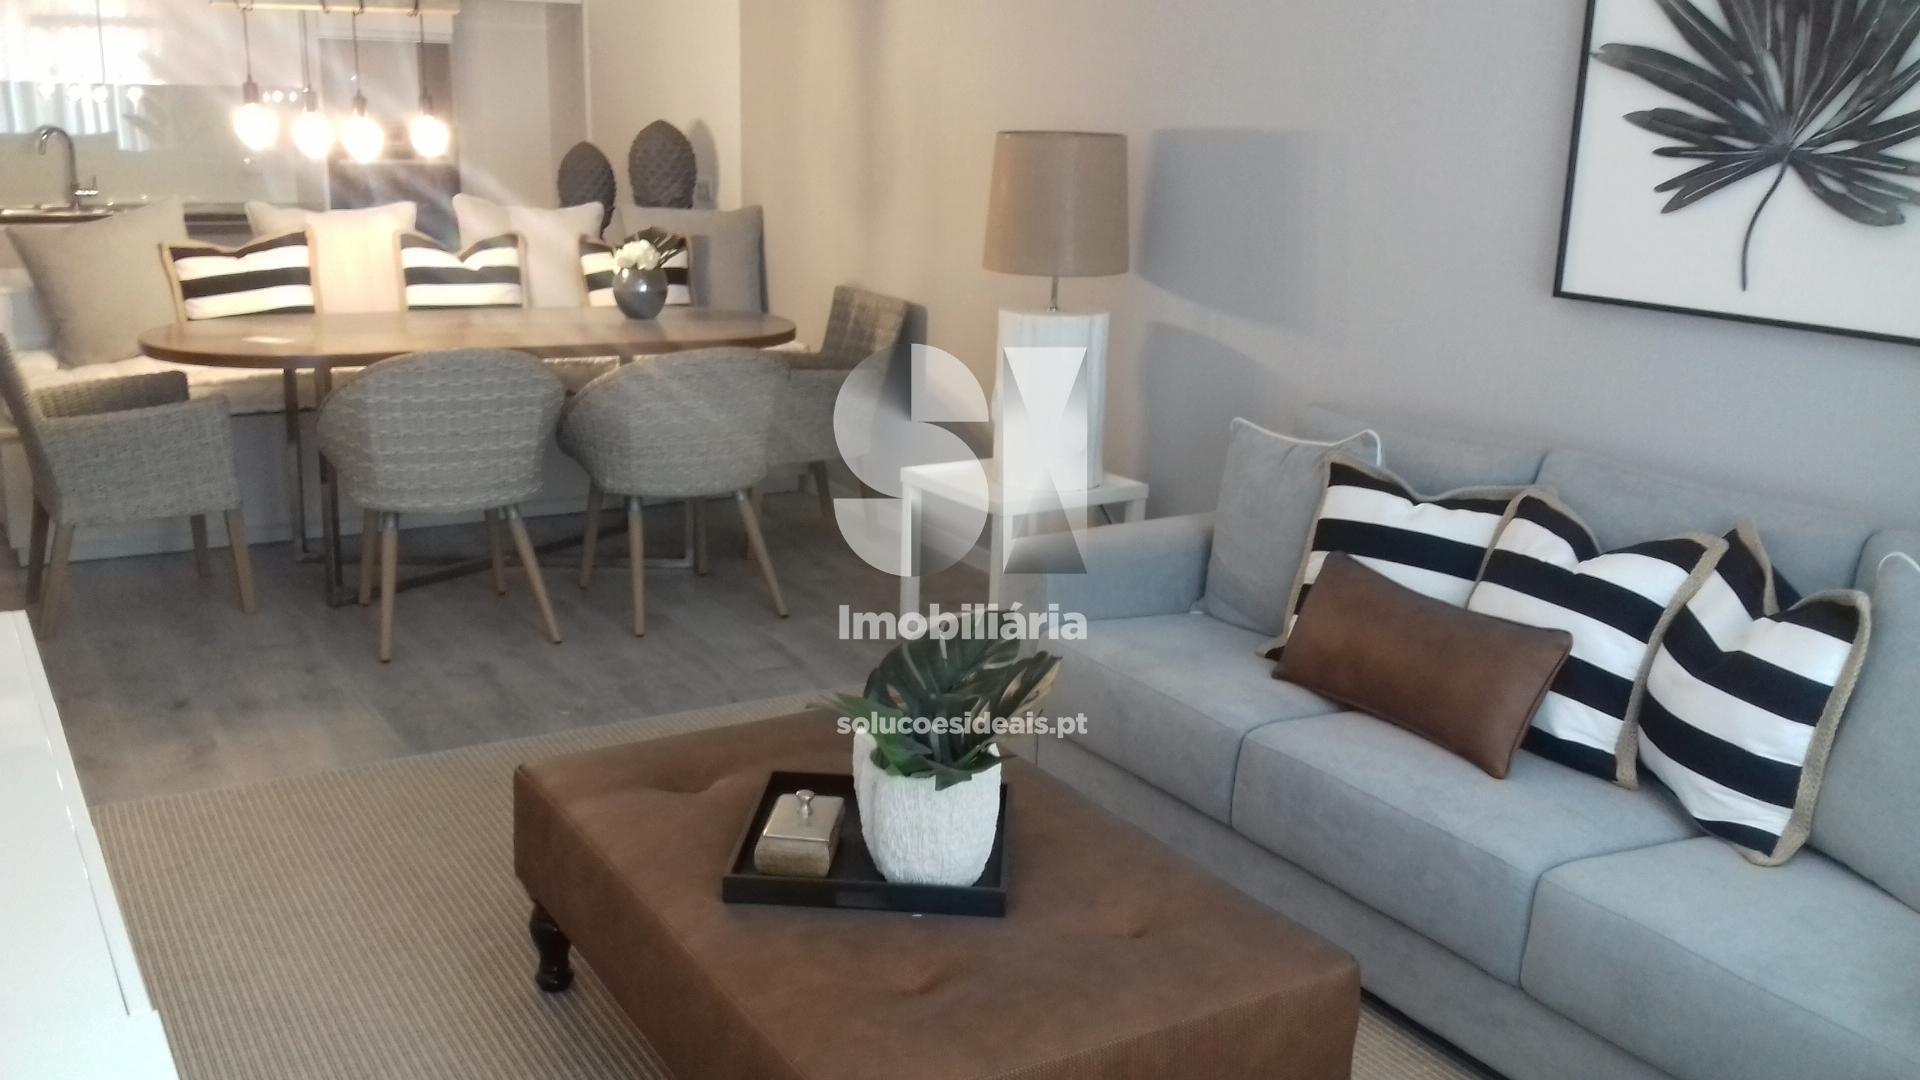 apartamento t2 para compra em figueira da foz sao pedro gala FIGIN2458_1